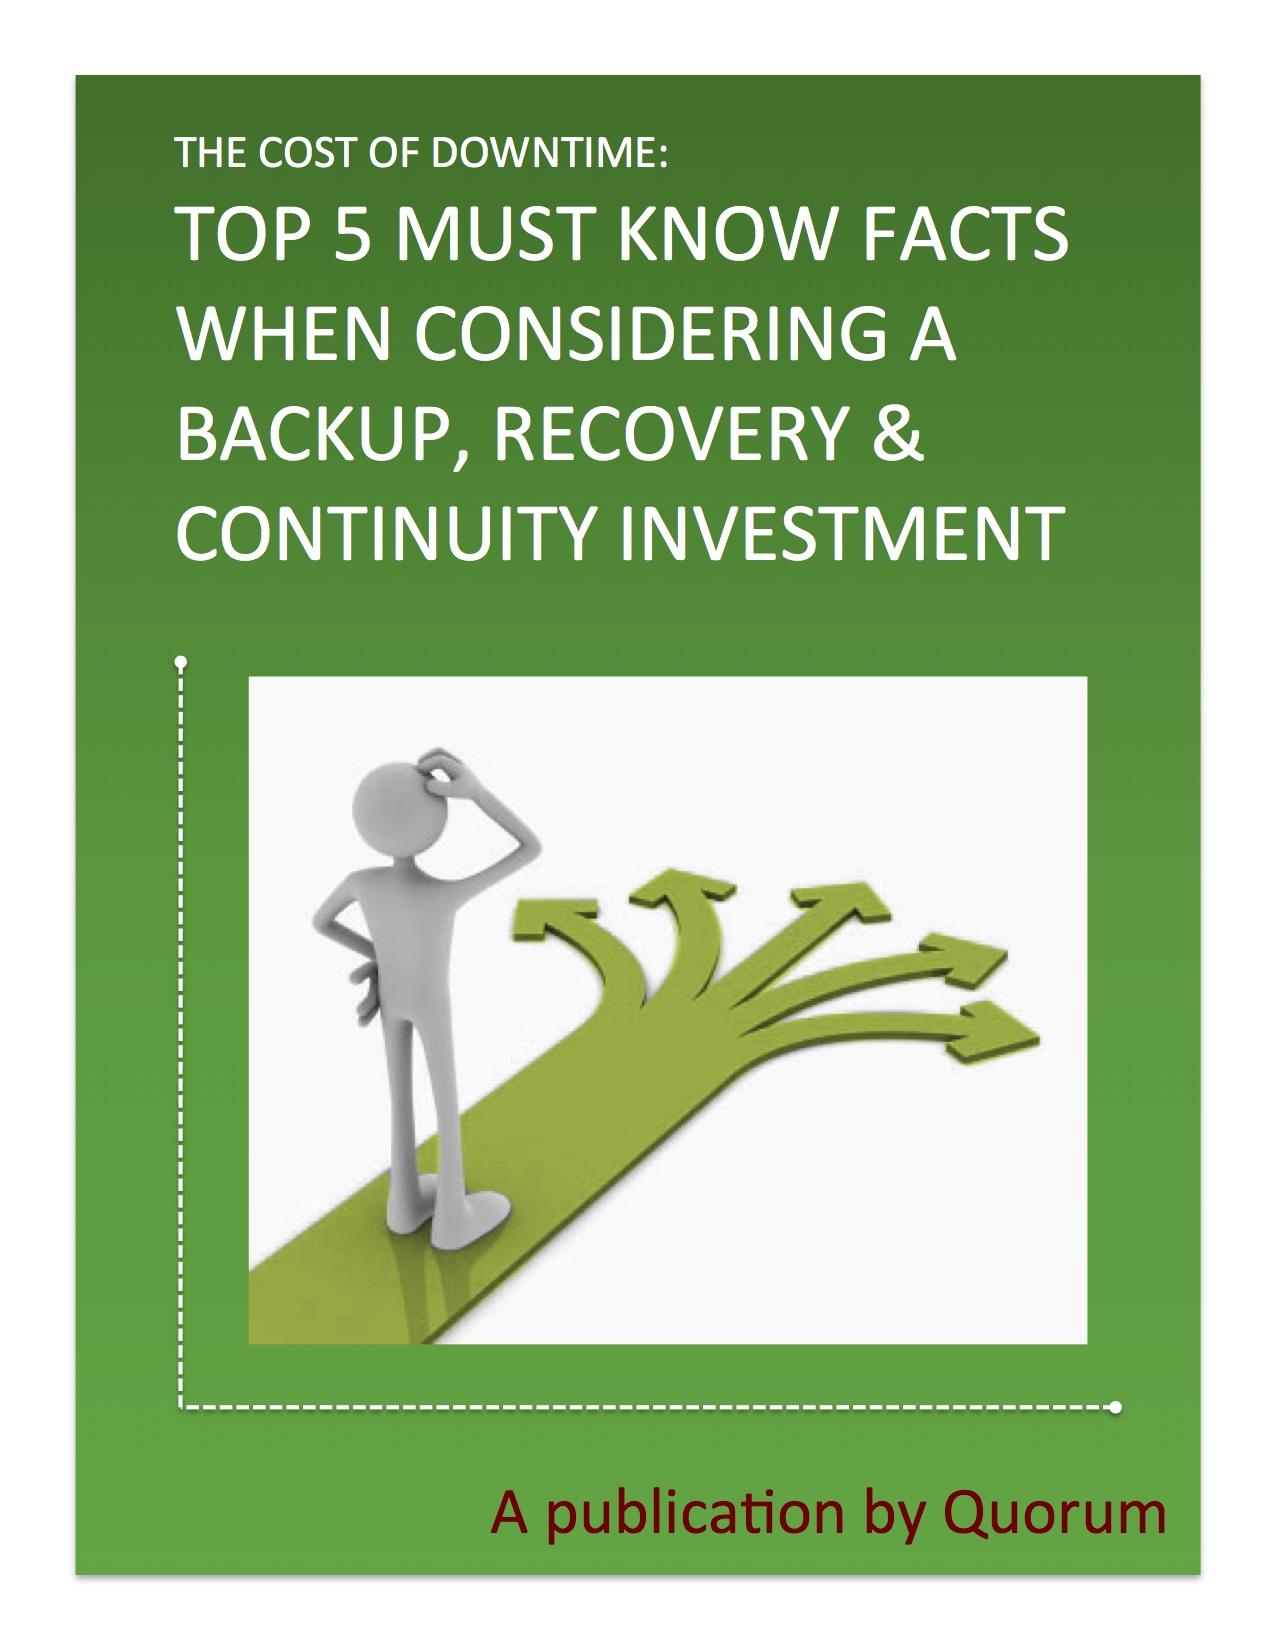 Top 5 Backup Considerations